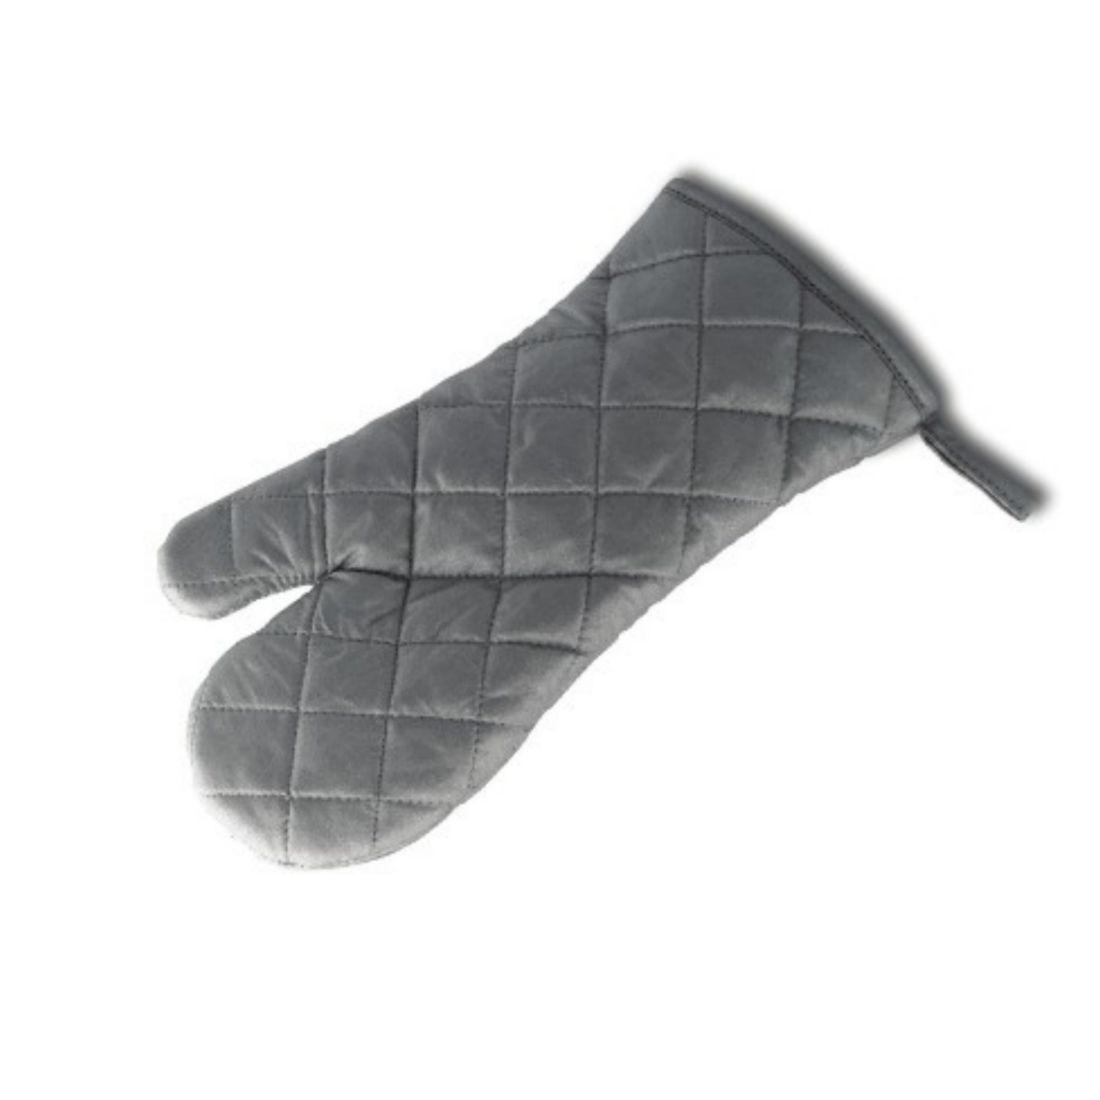 Pekařská rukavice – chňapka 1ks